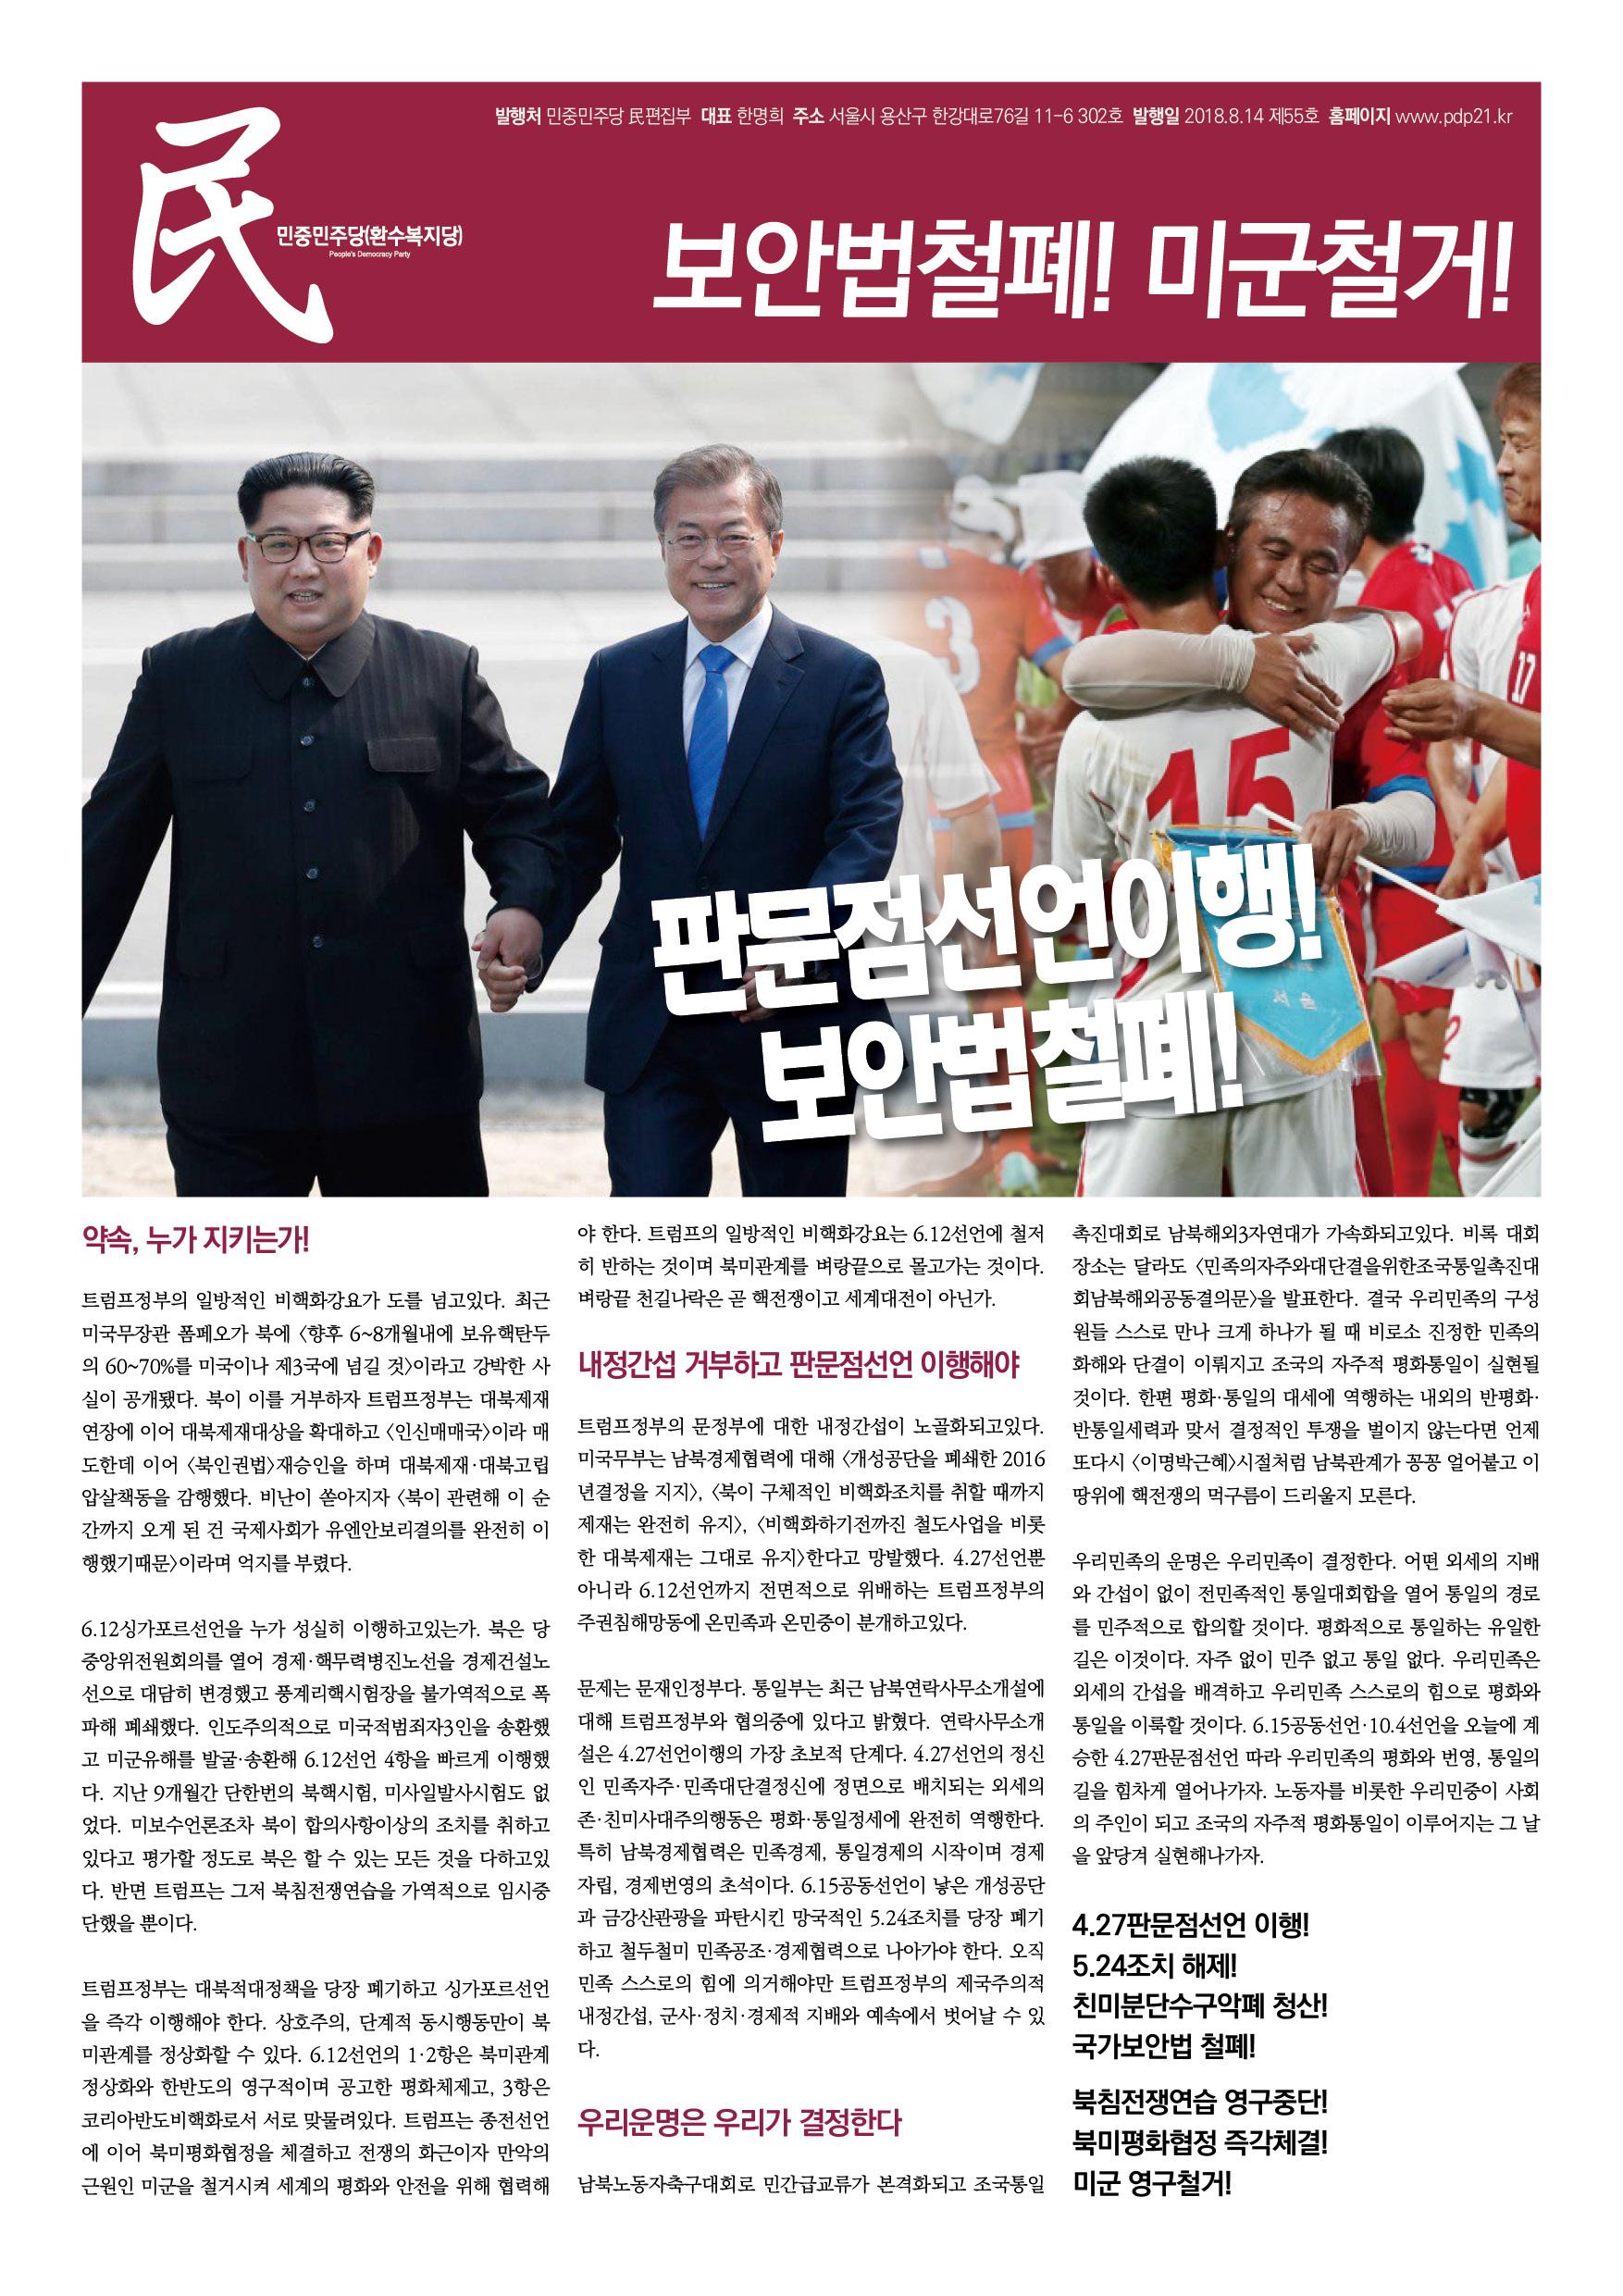 0814신문55호_최종